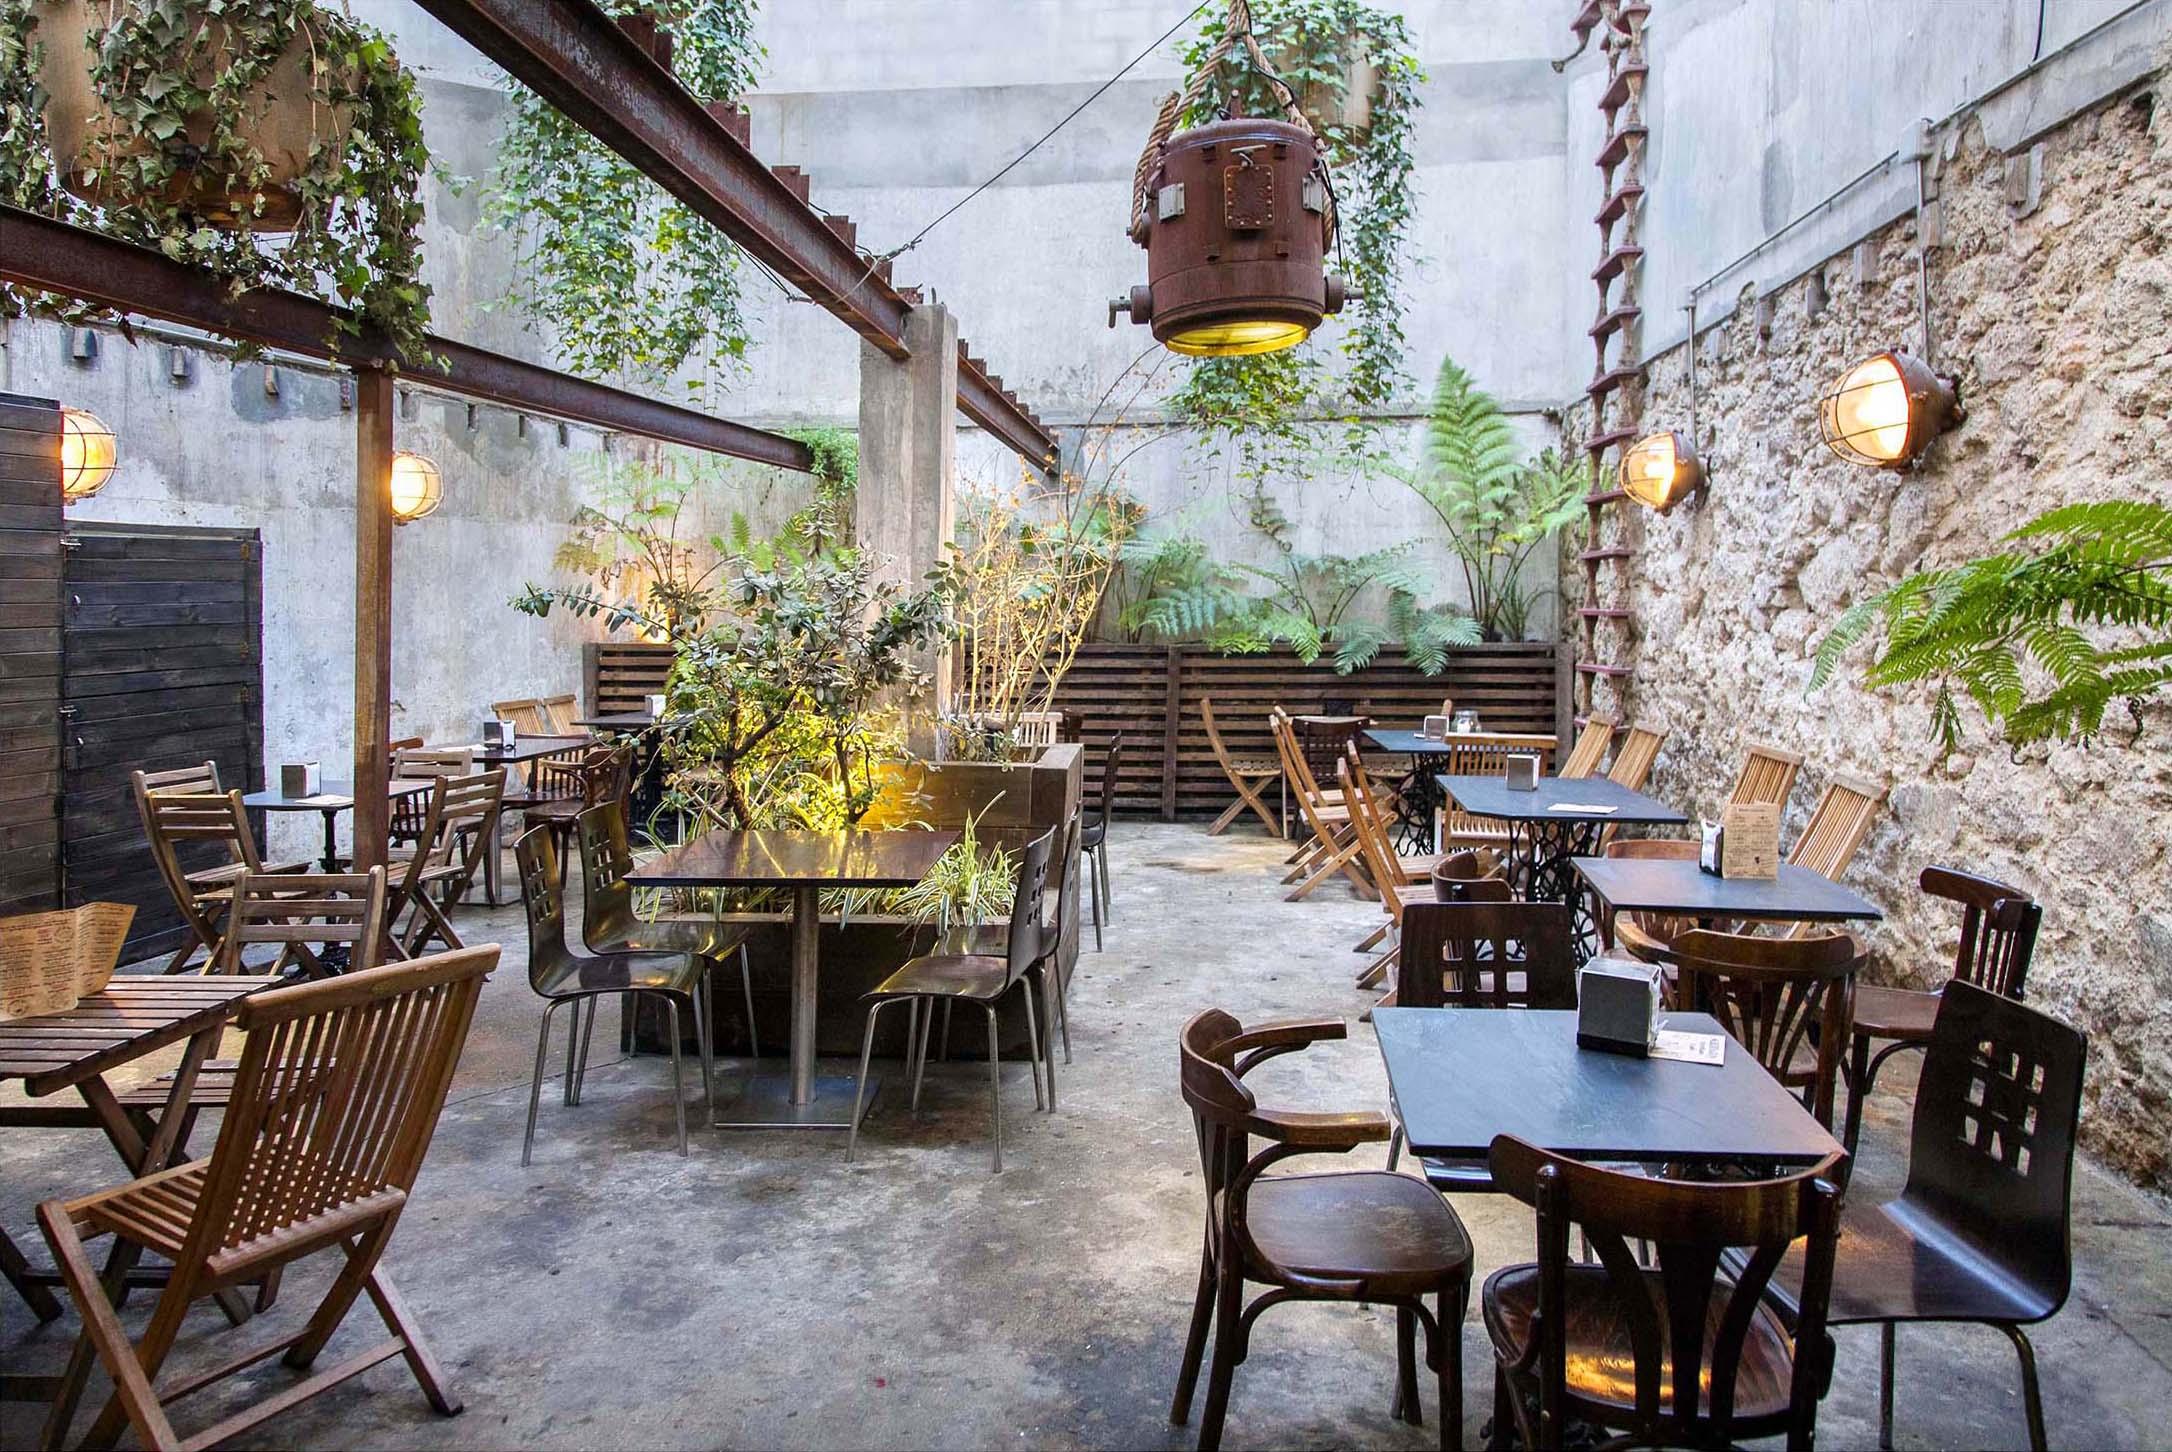 restaurantes vintage españa a coruña - delikatissen - Blog tienda ...